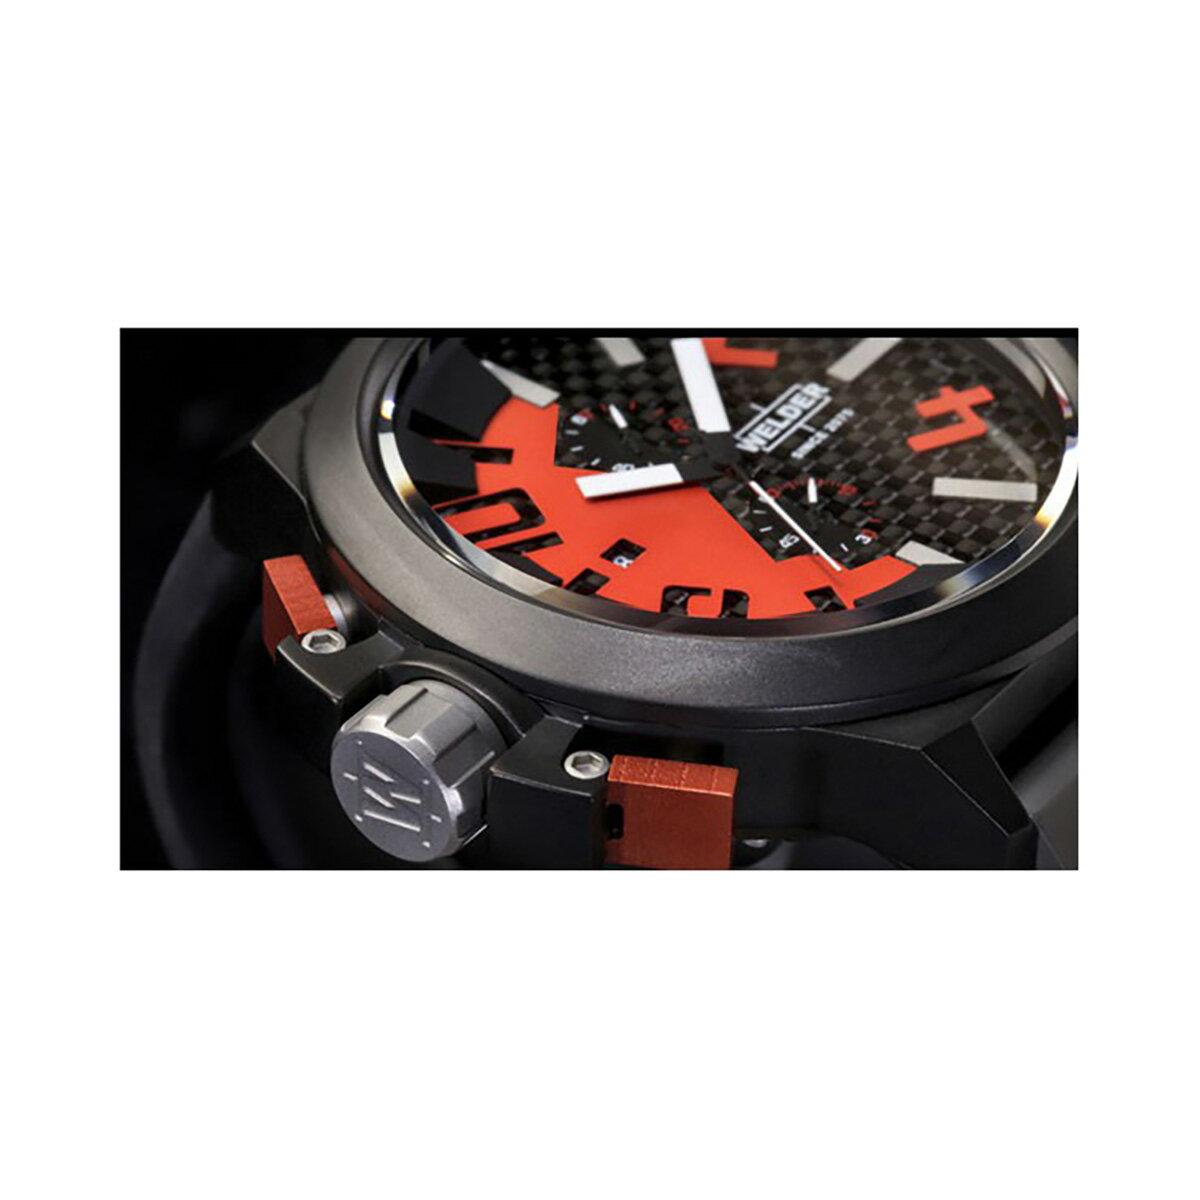 【ポイント10倍】【残り1点】WELDER ウェルダー U-BOAT ユーボート クォーツ 腕時計 メンズ おしゃれ [K35-W2501] 並行輸入品 メーカー保証24ヵ月 純正ケース付き